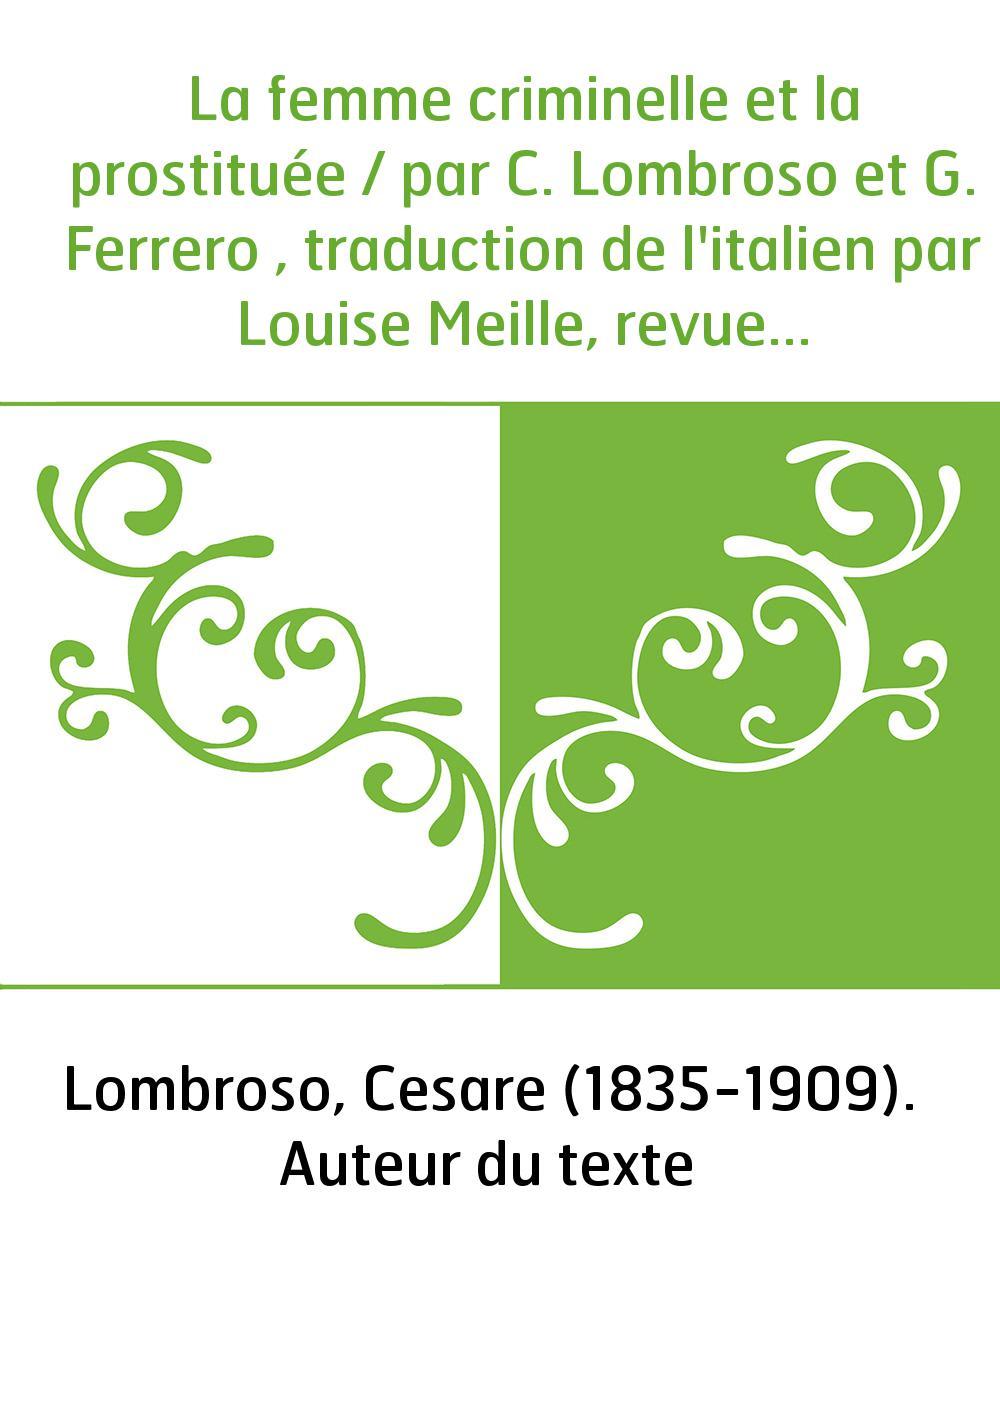 La femme criminelle et la prostituée / par C. Lombroso et G. Ferrero , traduction de l'italien par Louise Meille, revue par M. S